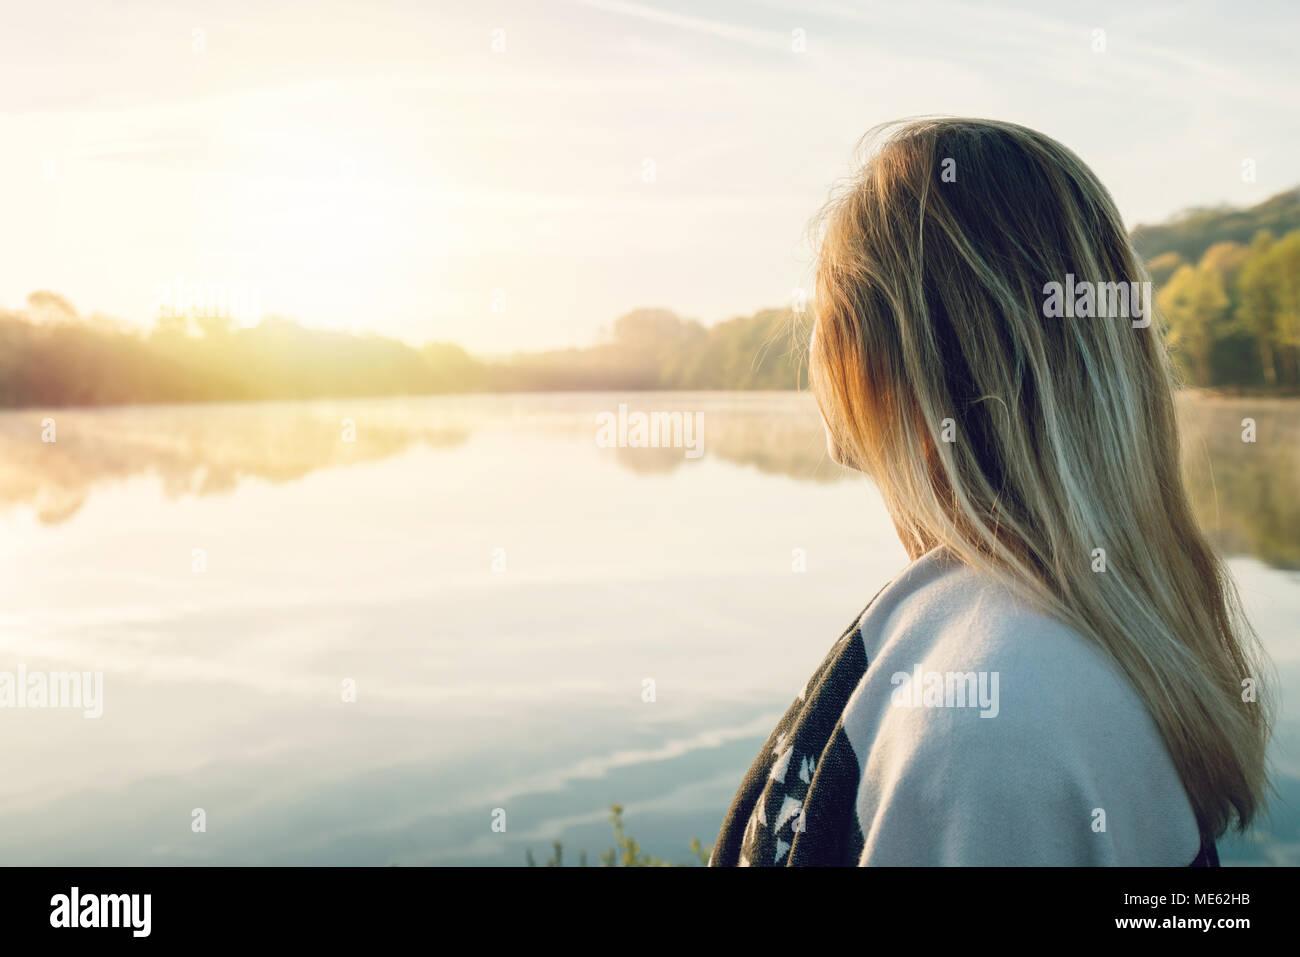 Giovane donna di contemplare la natura in riva al lago di sunrise, primavera, in Francia, in Europa. Persone Viaggi relax nella natura del concetto. Immagine di toni Immagini Stock